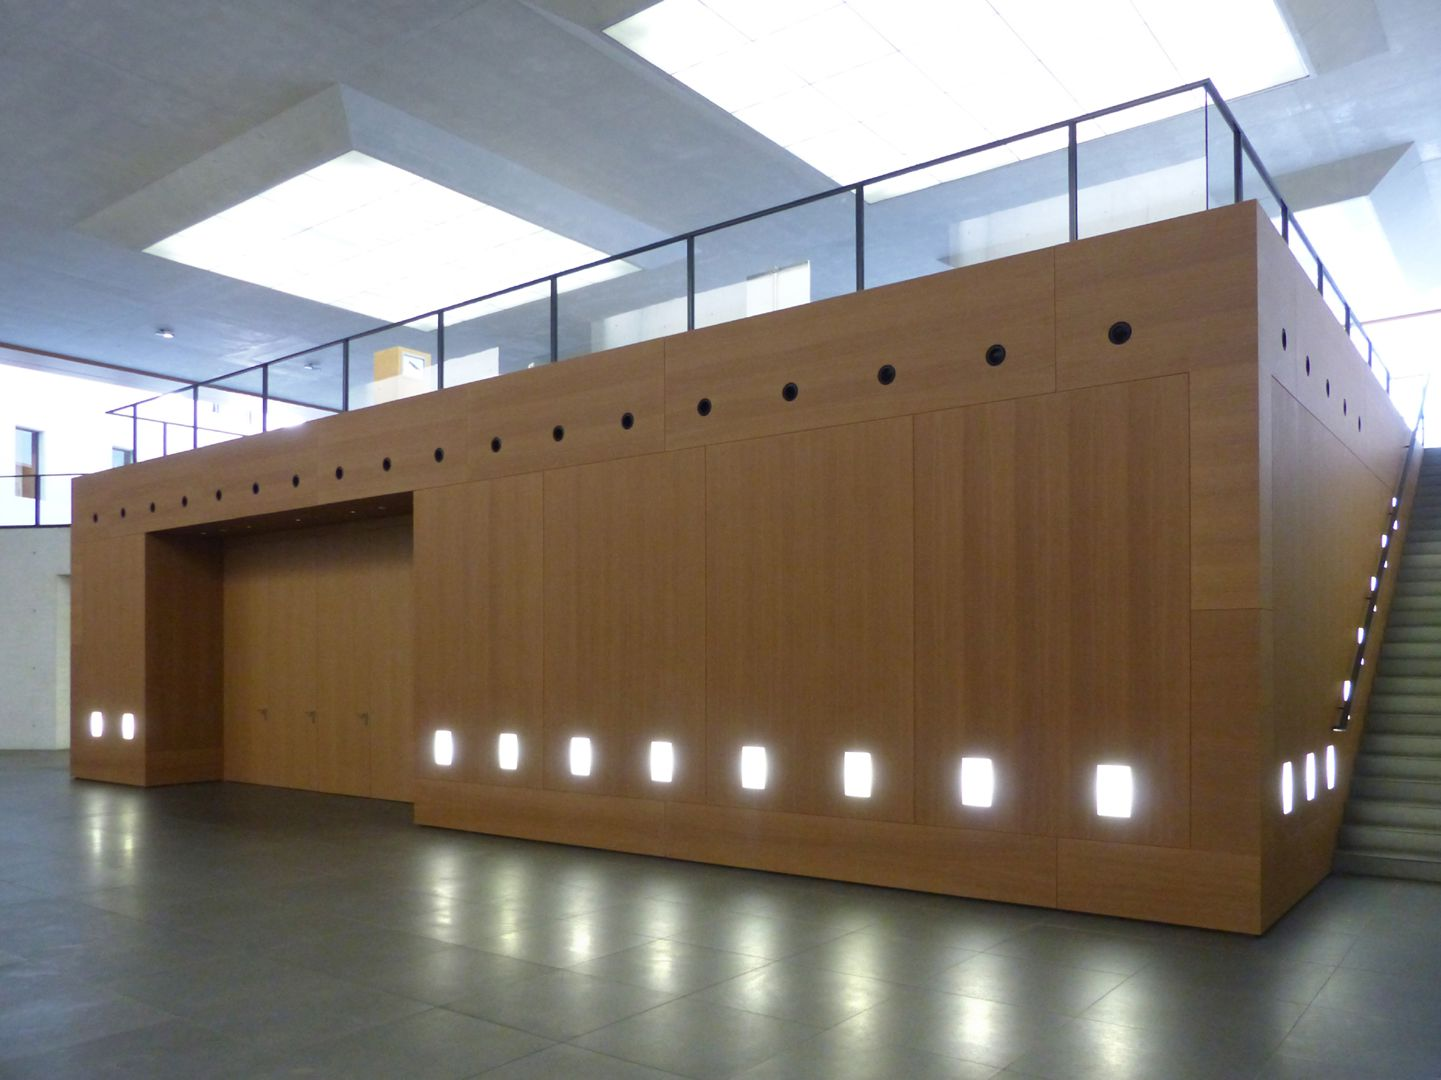 Neues Museum Auditorium im Untergeschoss